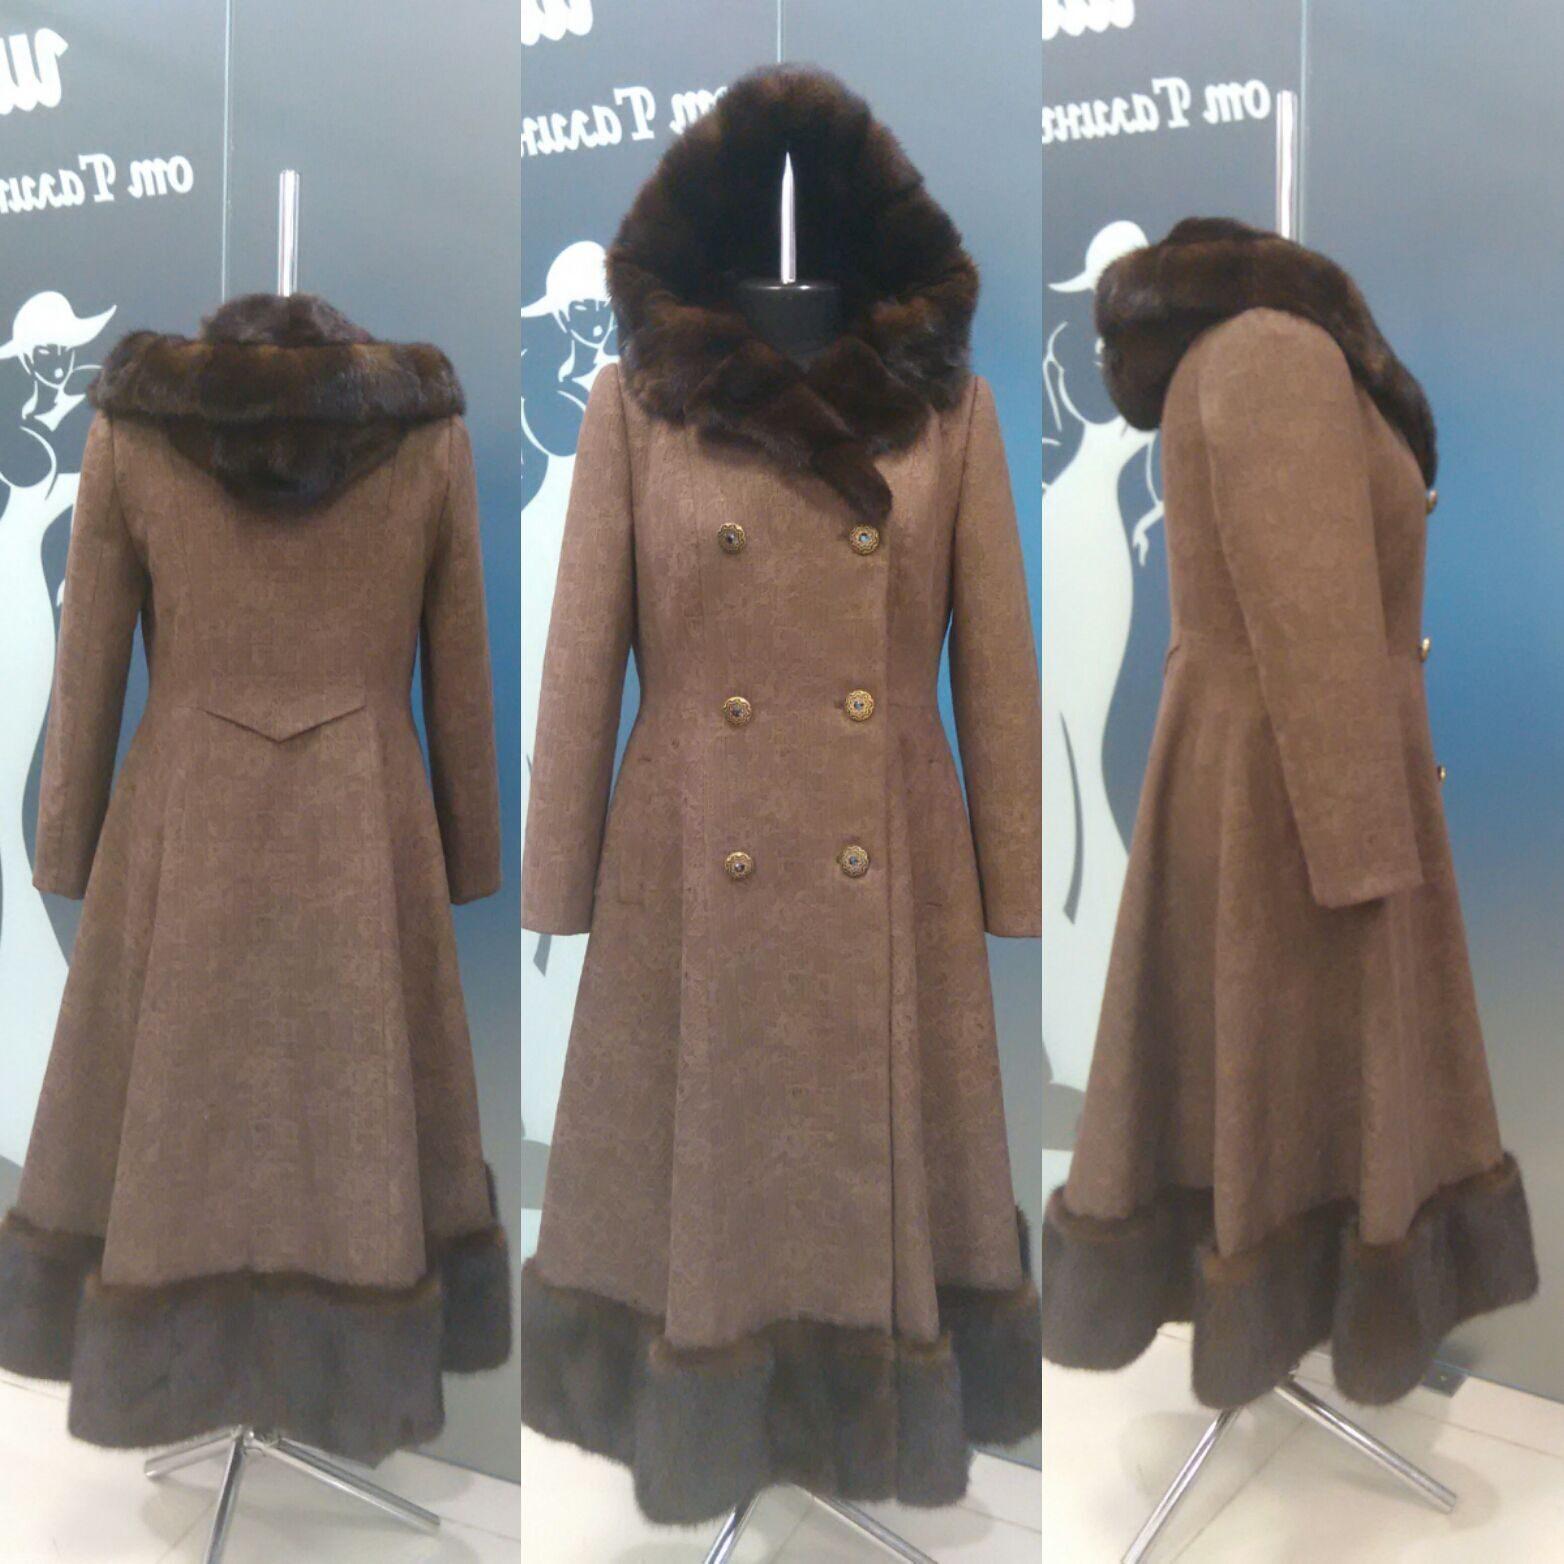 Пальто на меховой подкладке сшить 40